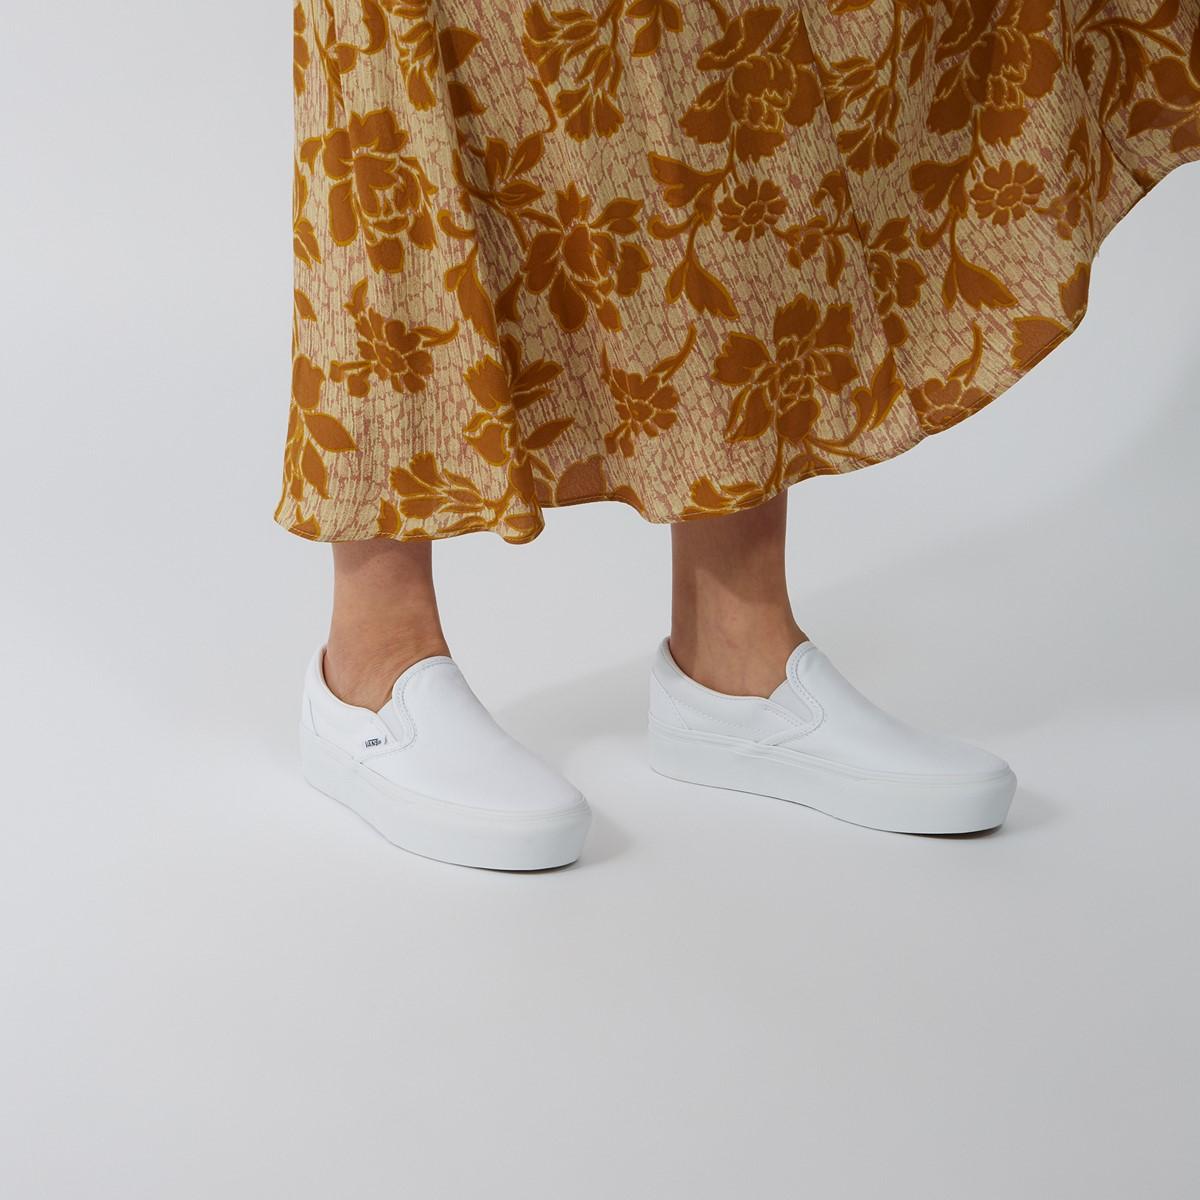 Women's Platform Slip-Ons in White